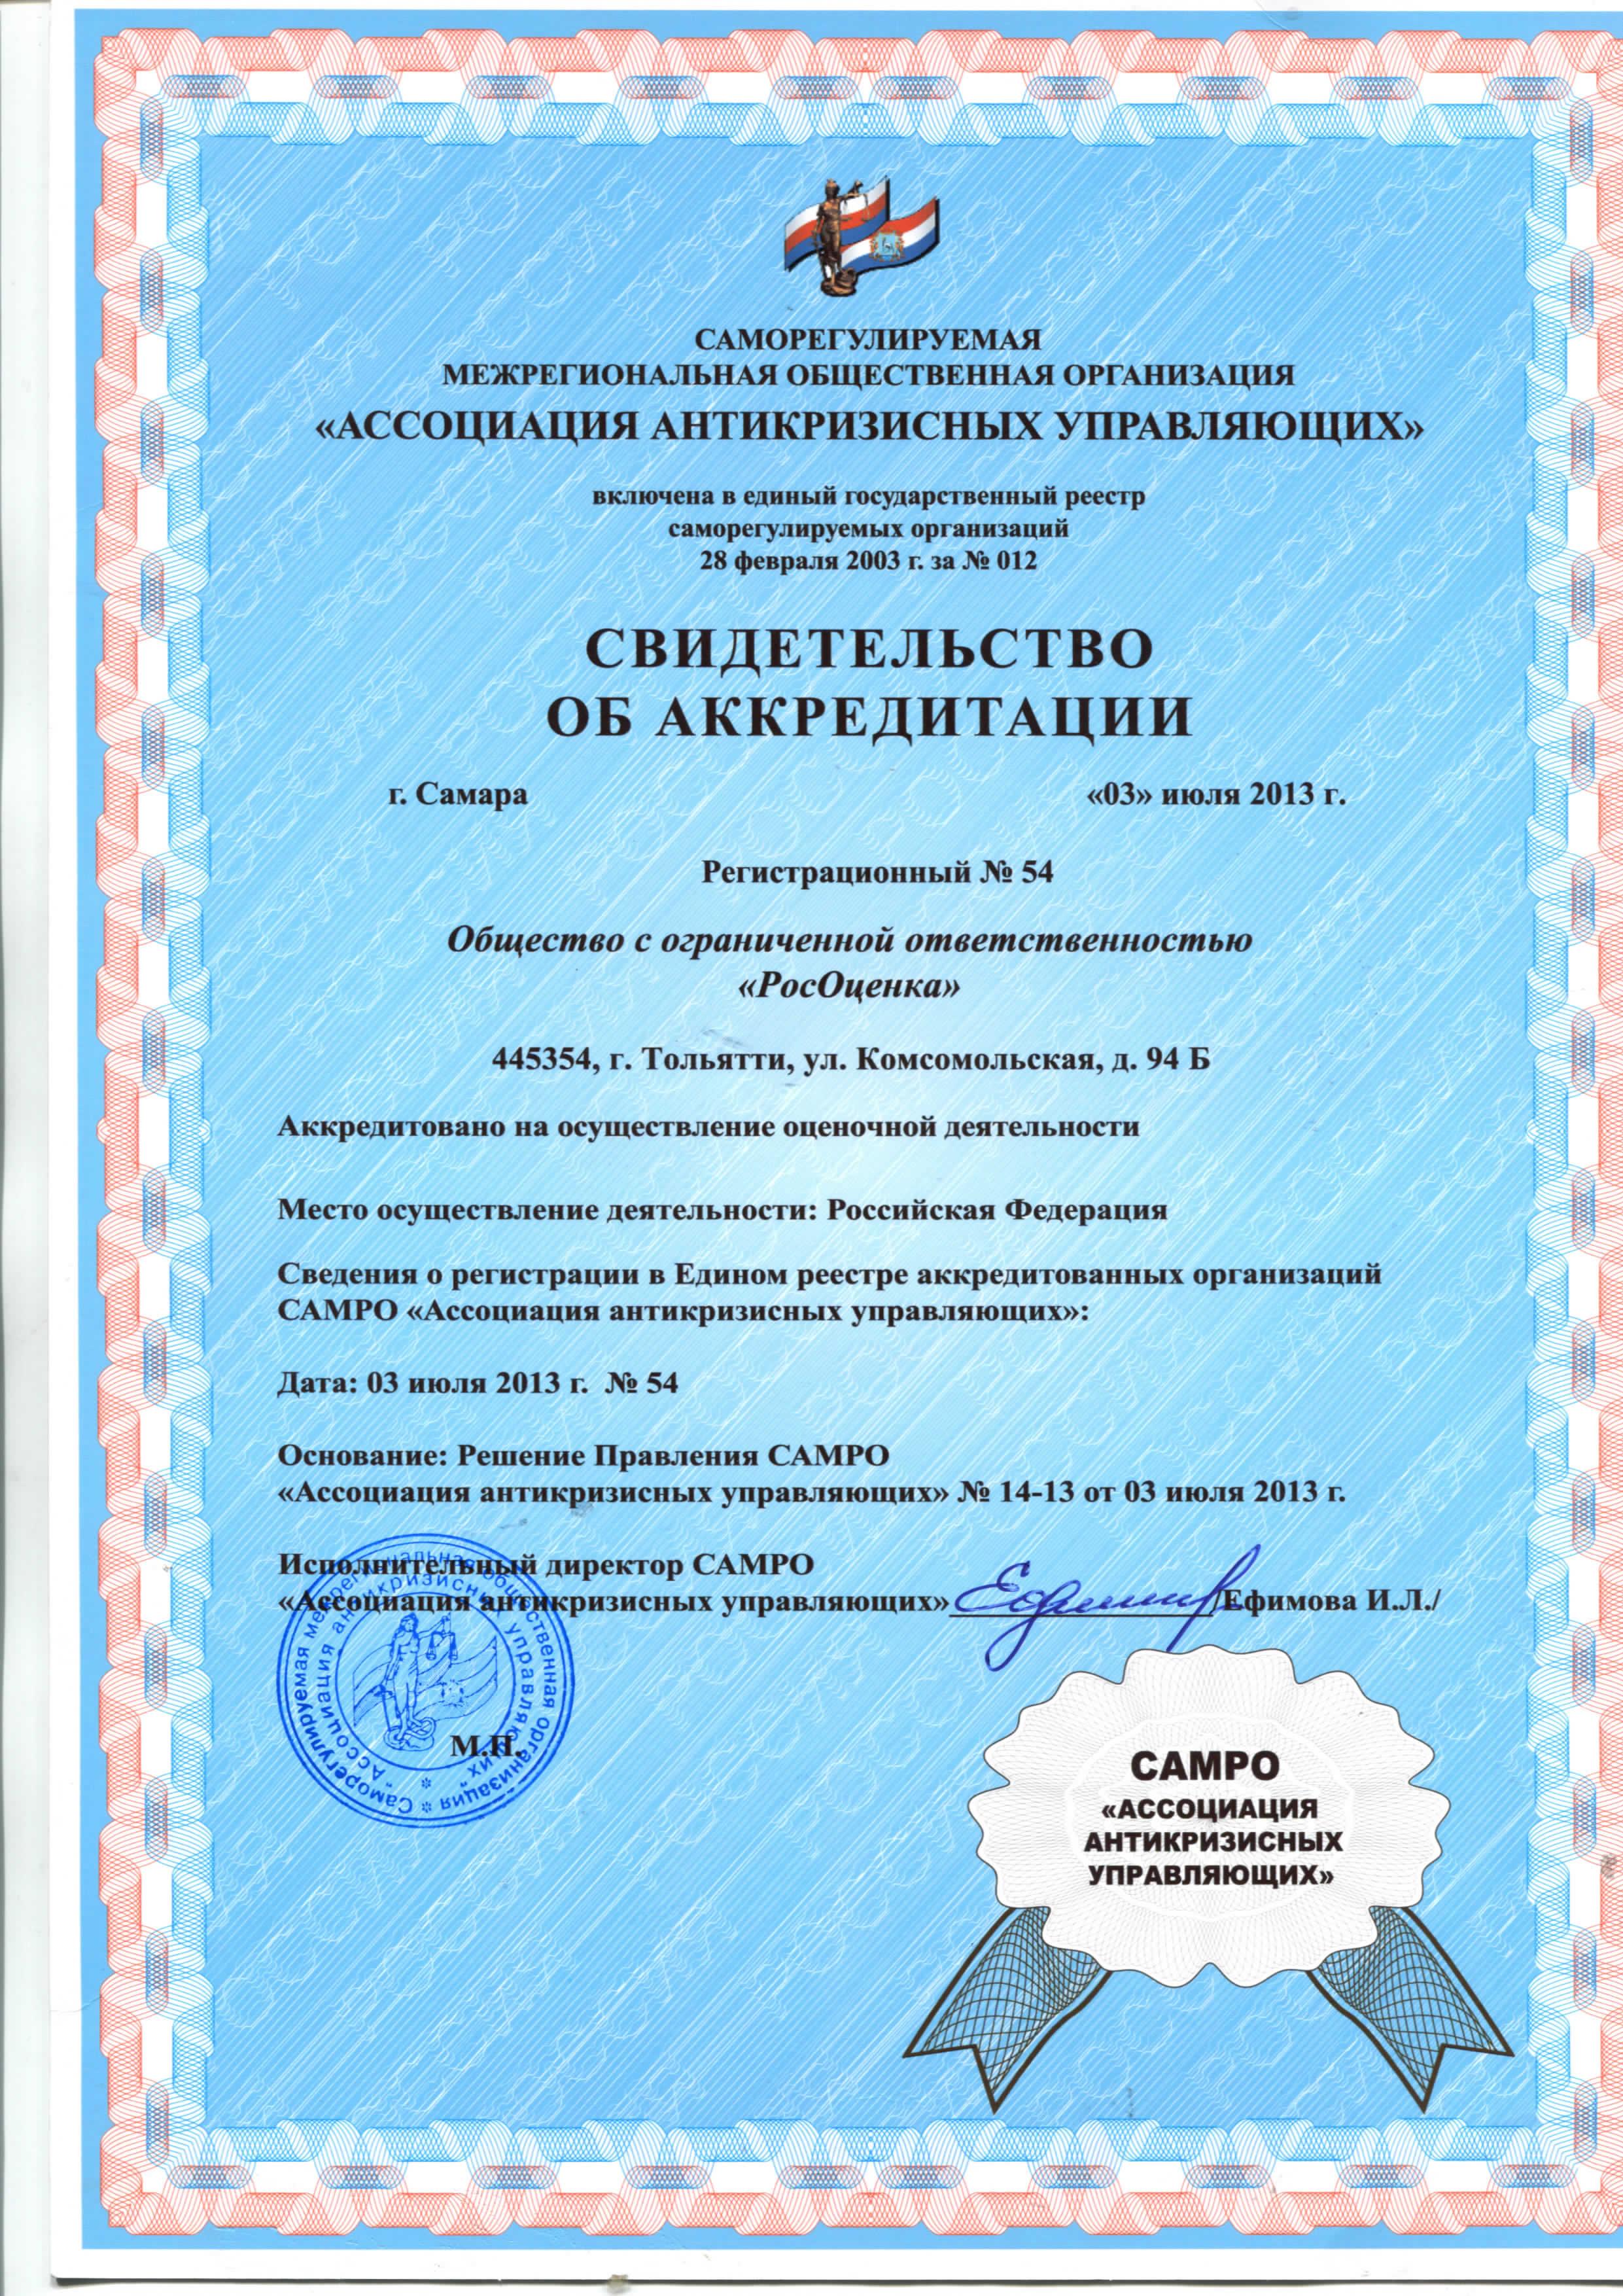 Ассоциация антикризисных управляющих_аккредитация